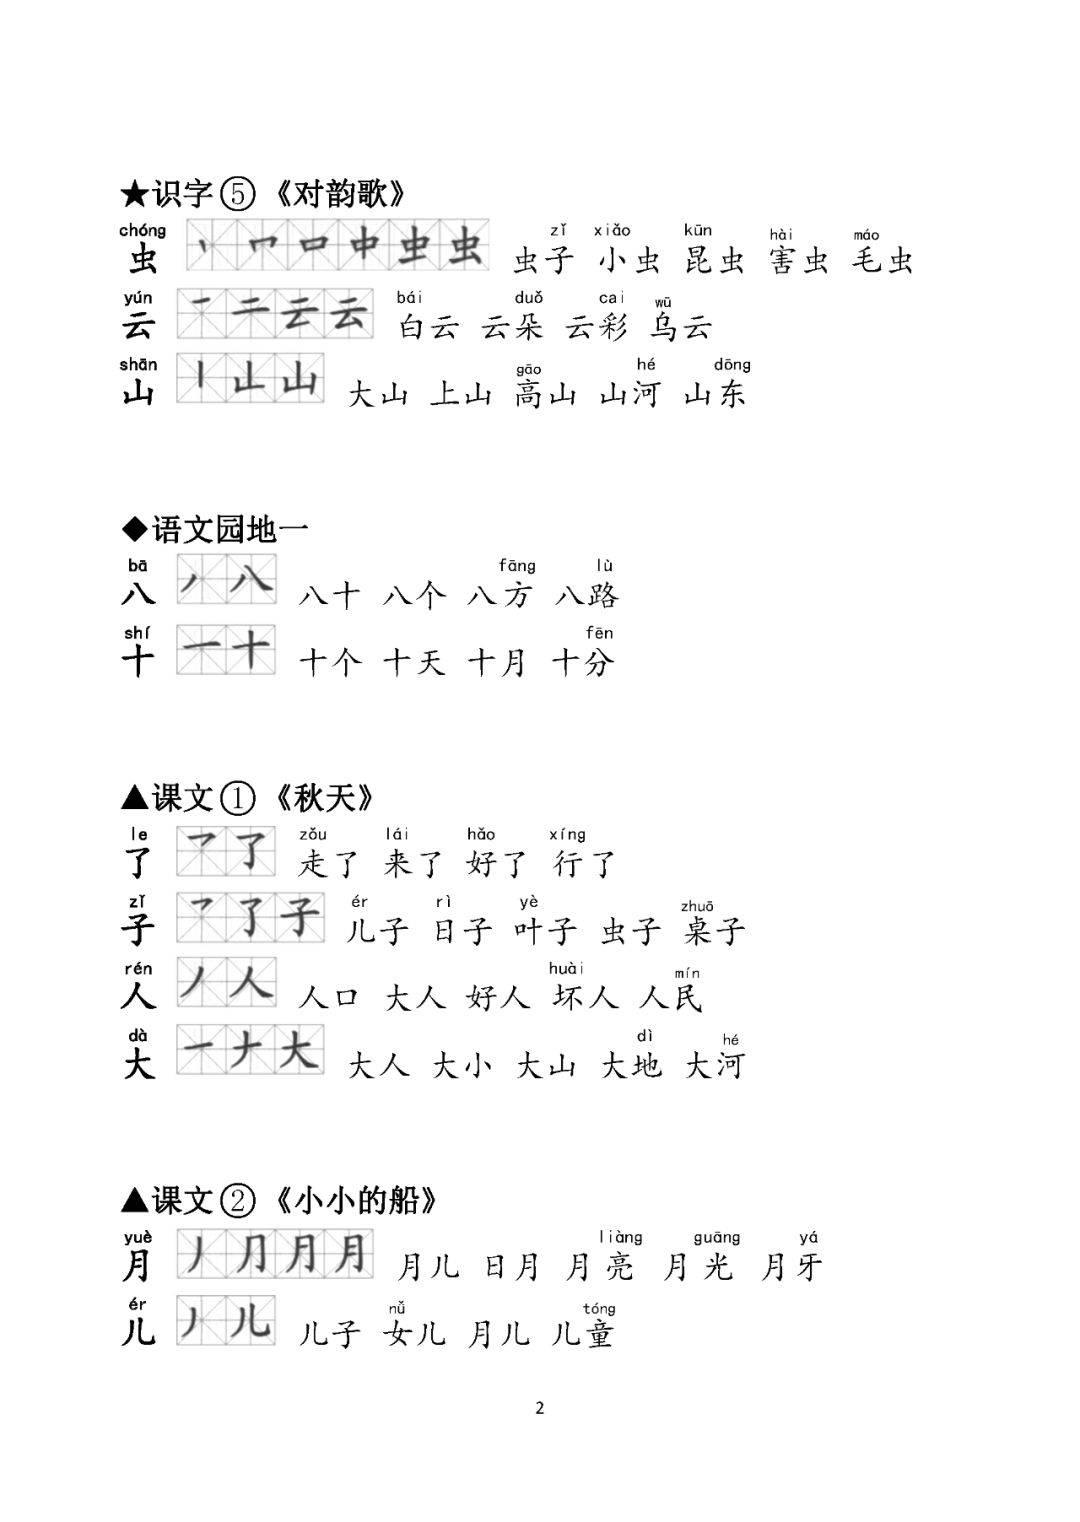 人生职业规划范文_部编版一年级语文上册生字笔顺、组词(含拼音)、背诵课文汇总!